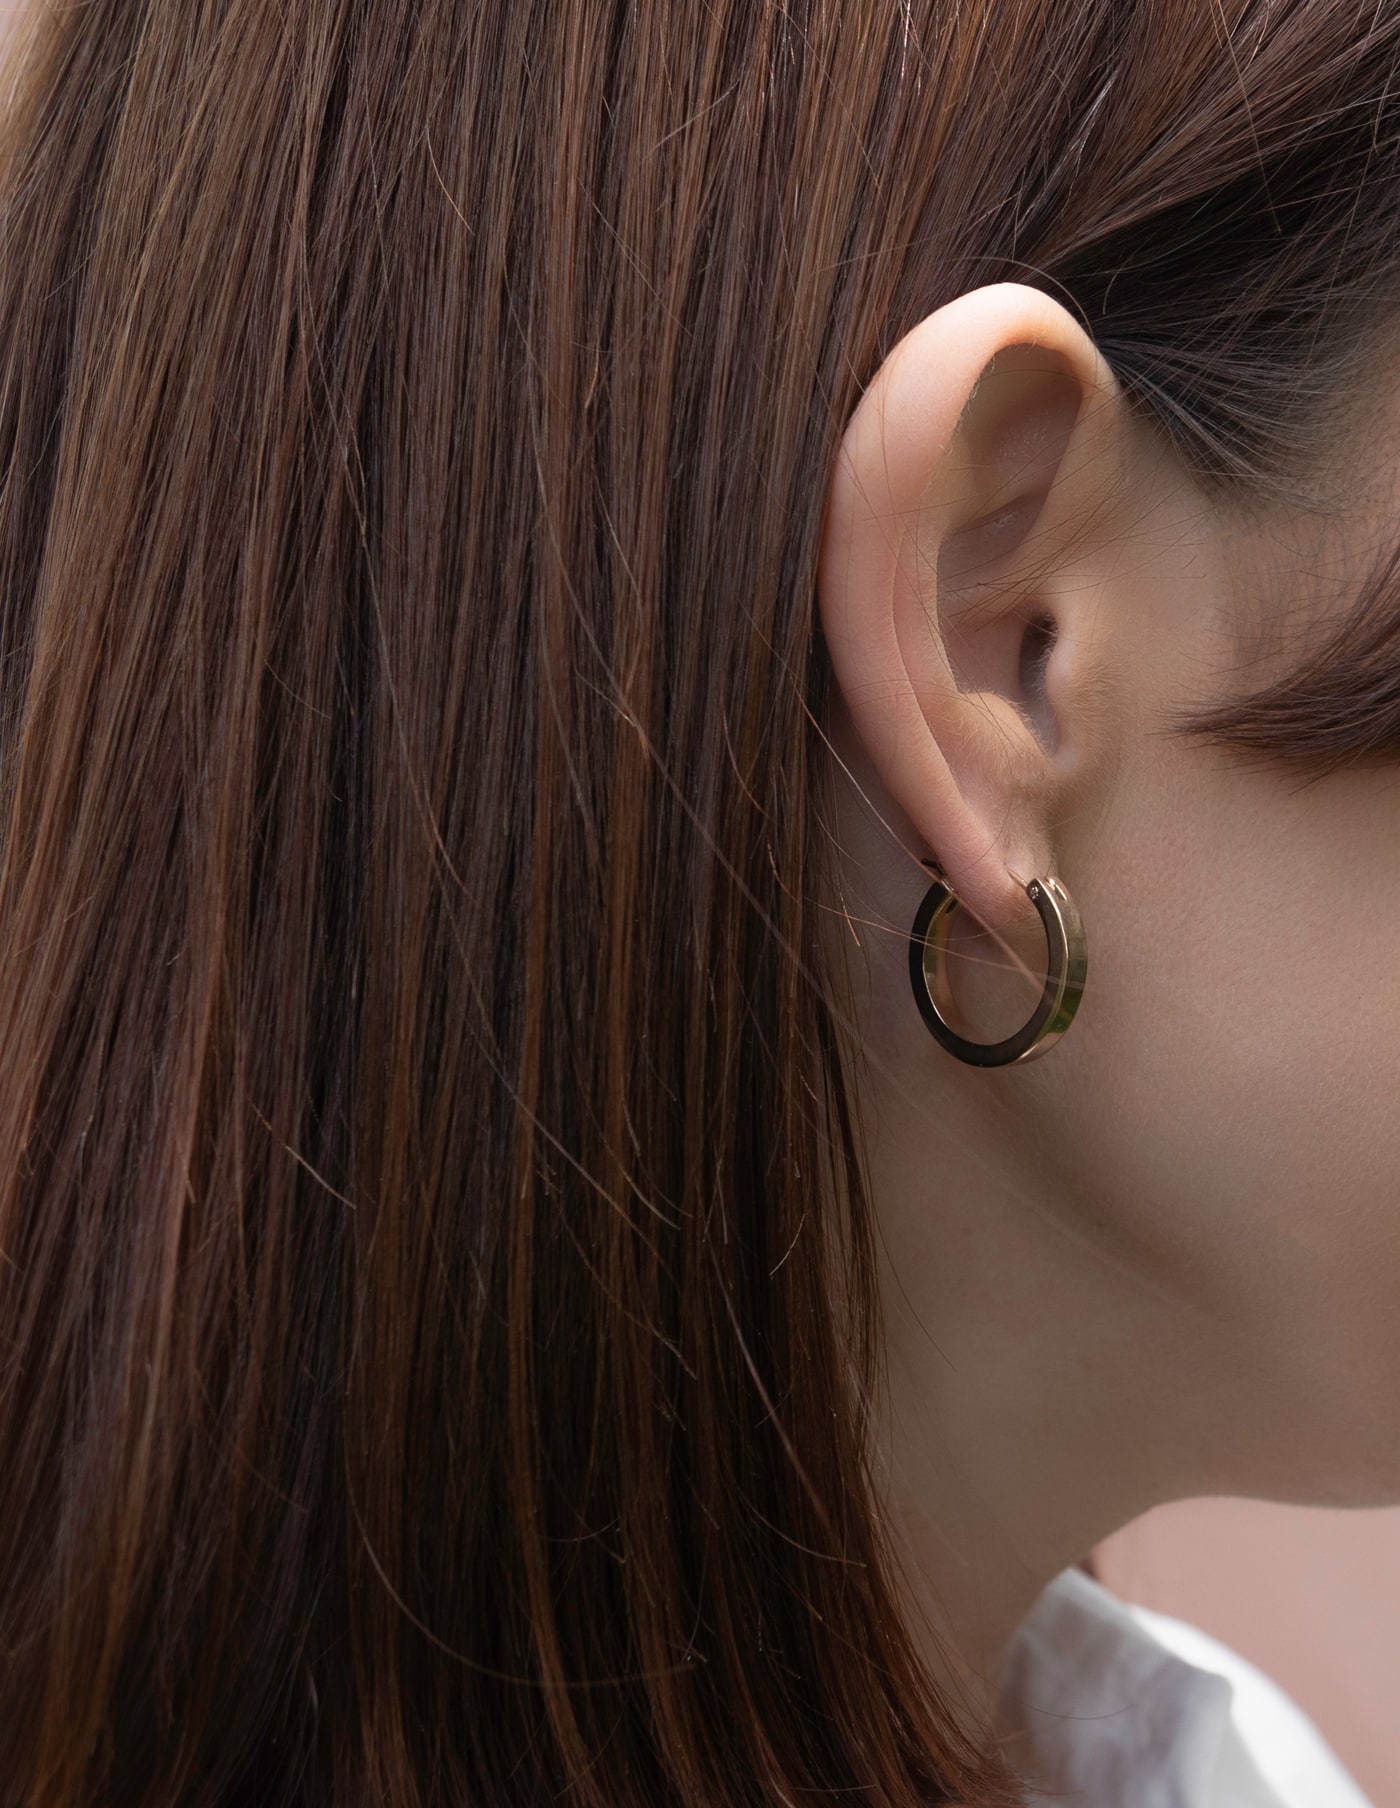 Small Rose Gold Hoop Earrings, Forever Lasting